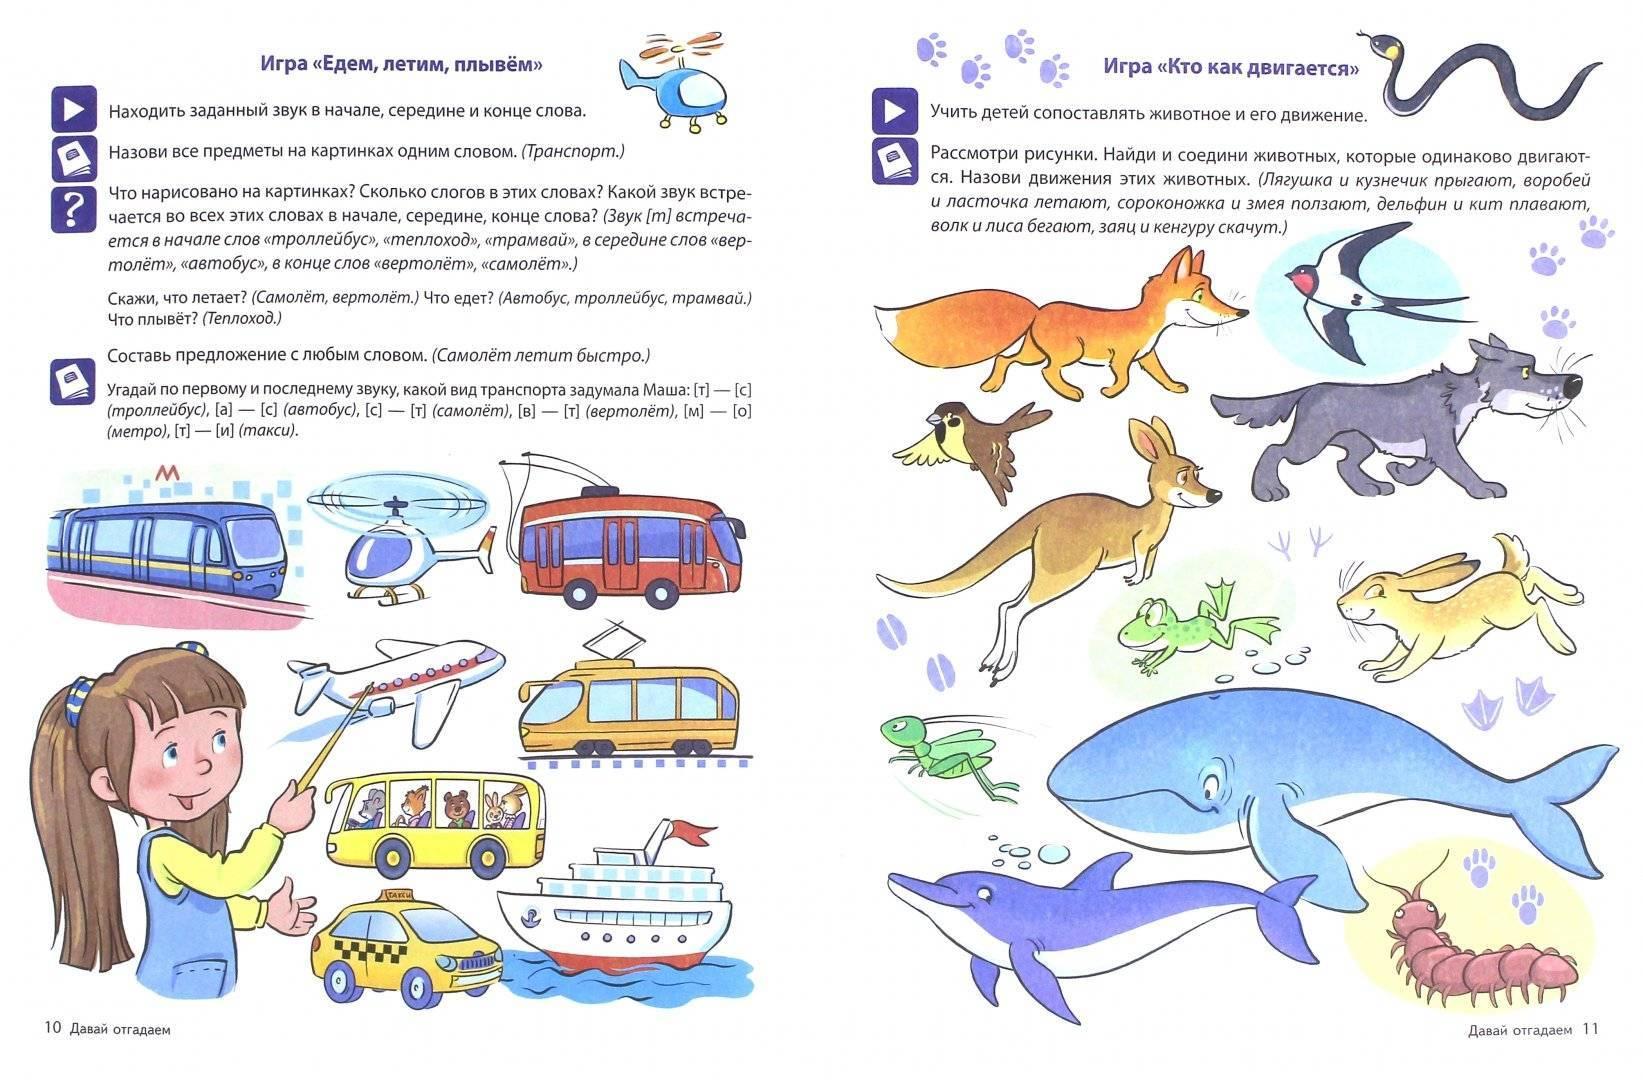 Логопедические упражнения для детей: гимнастика для языка и артикуляции